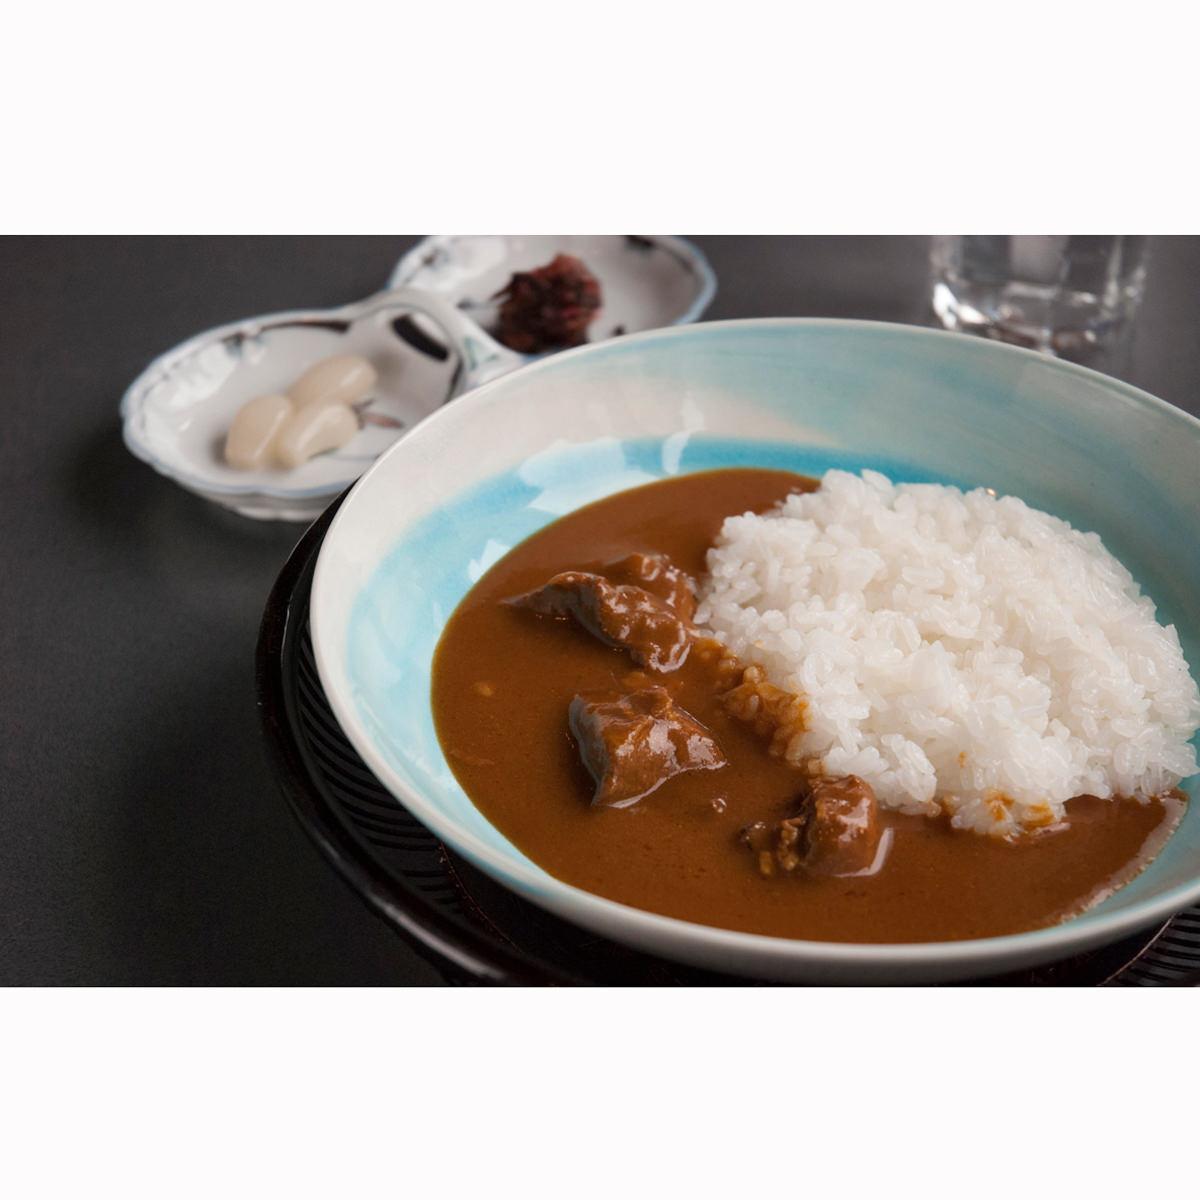 ほてるISAGO神戸 ビーフカレー 6食 〔200g×6〕 兵庫県 レトルトカレー 神戸